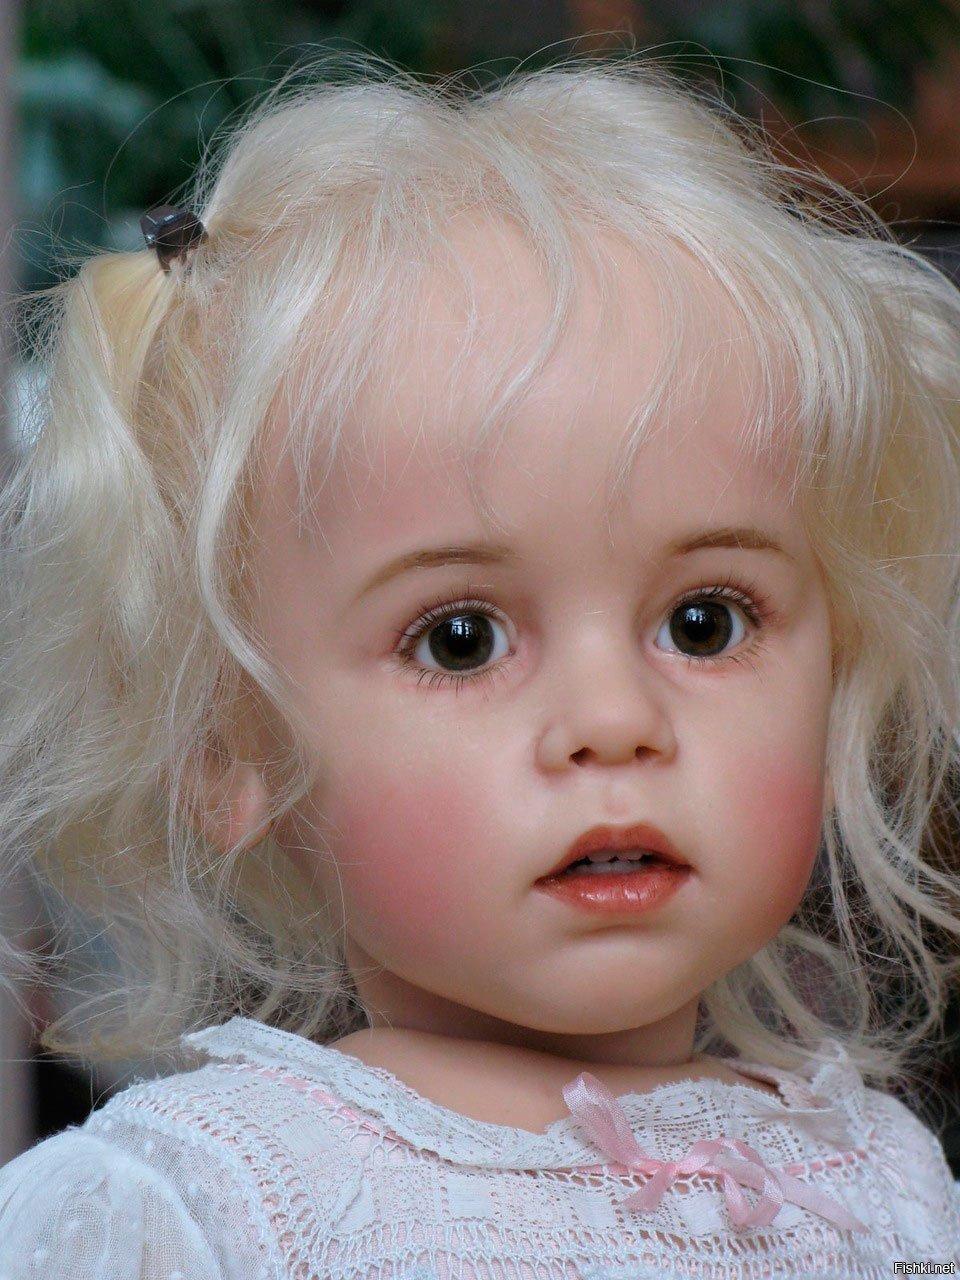 кукла как живая картинка способов экономии